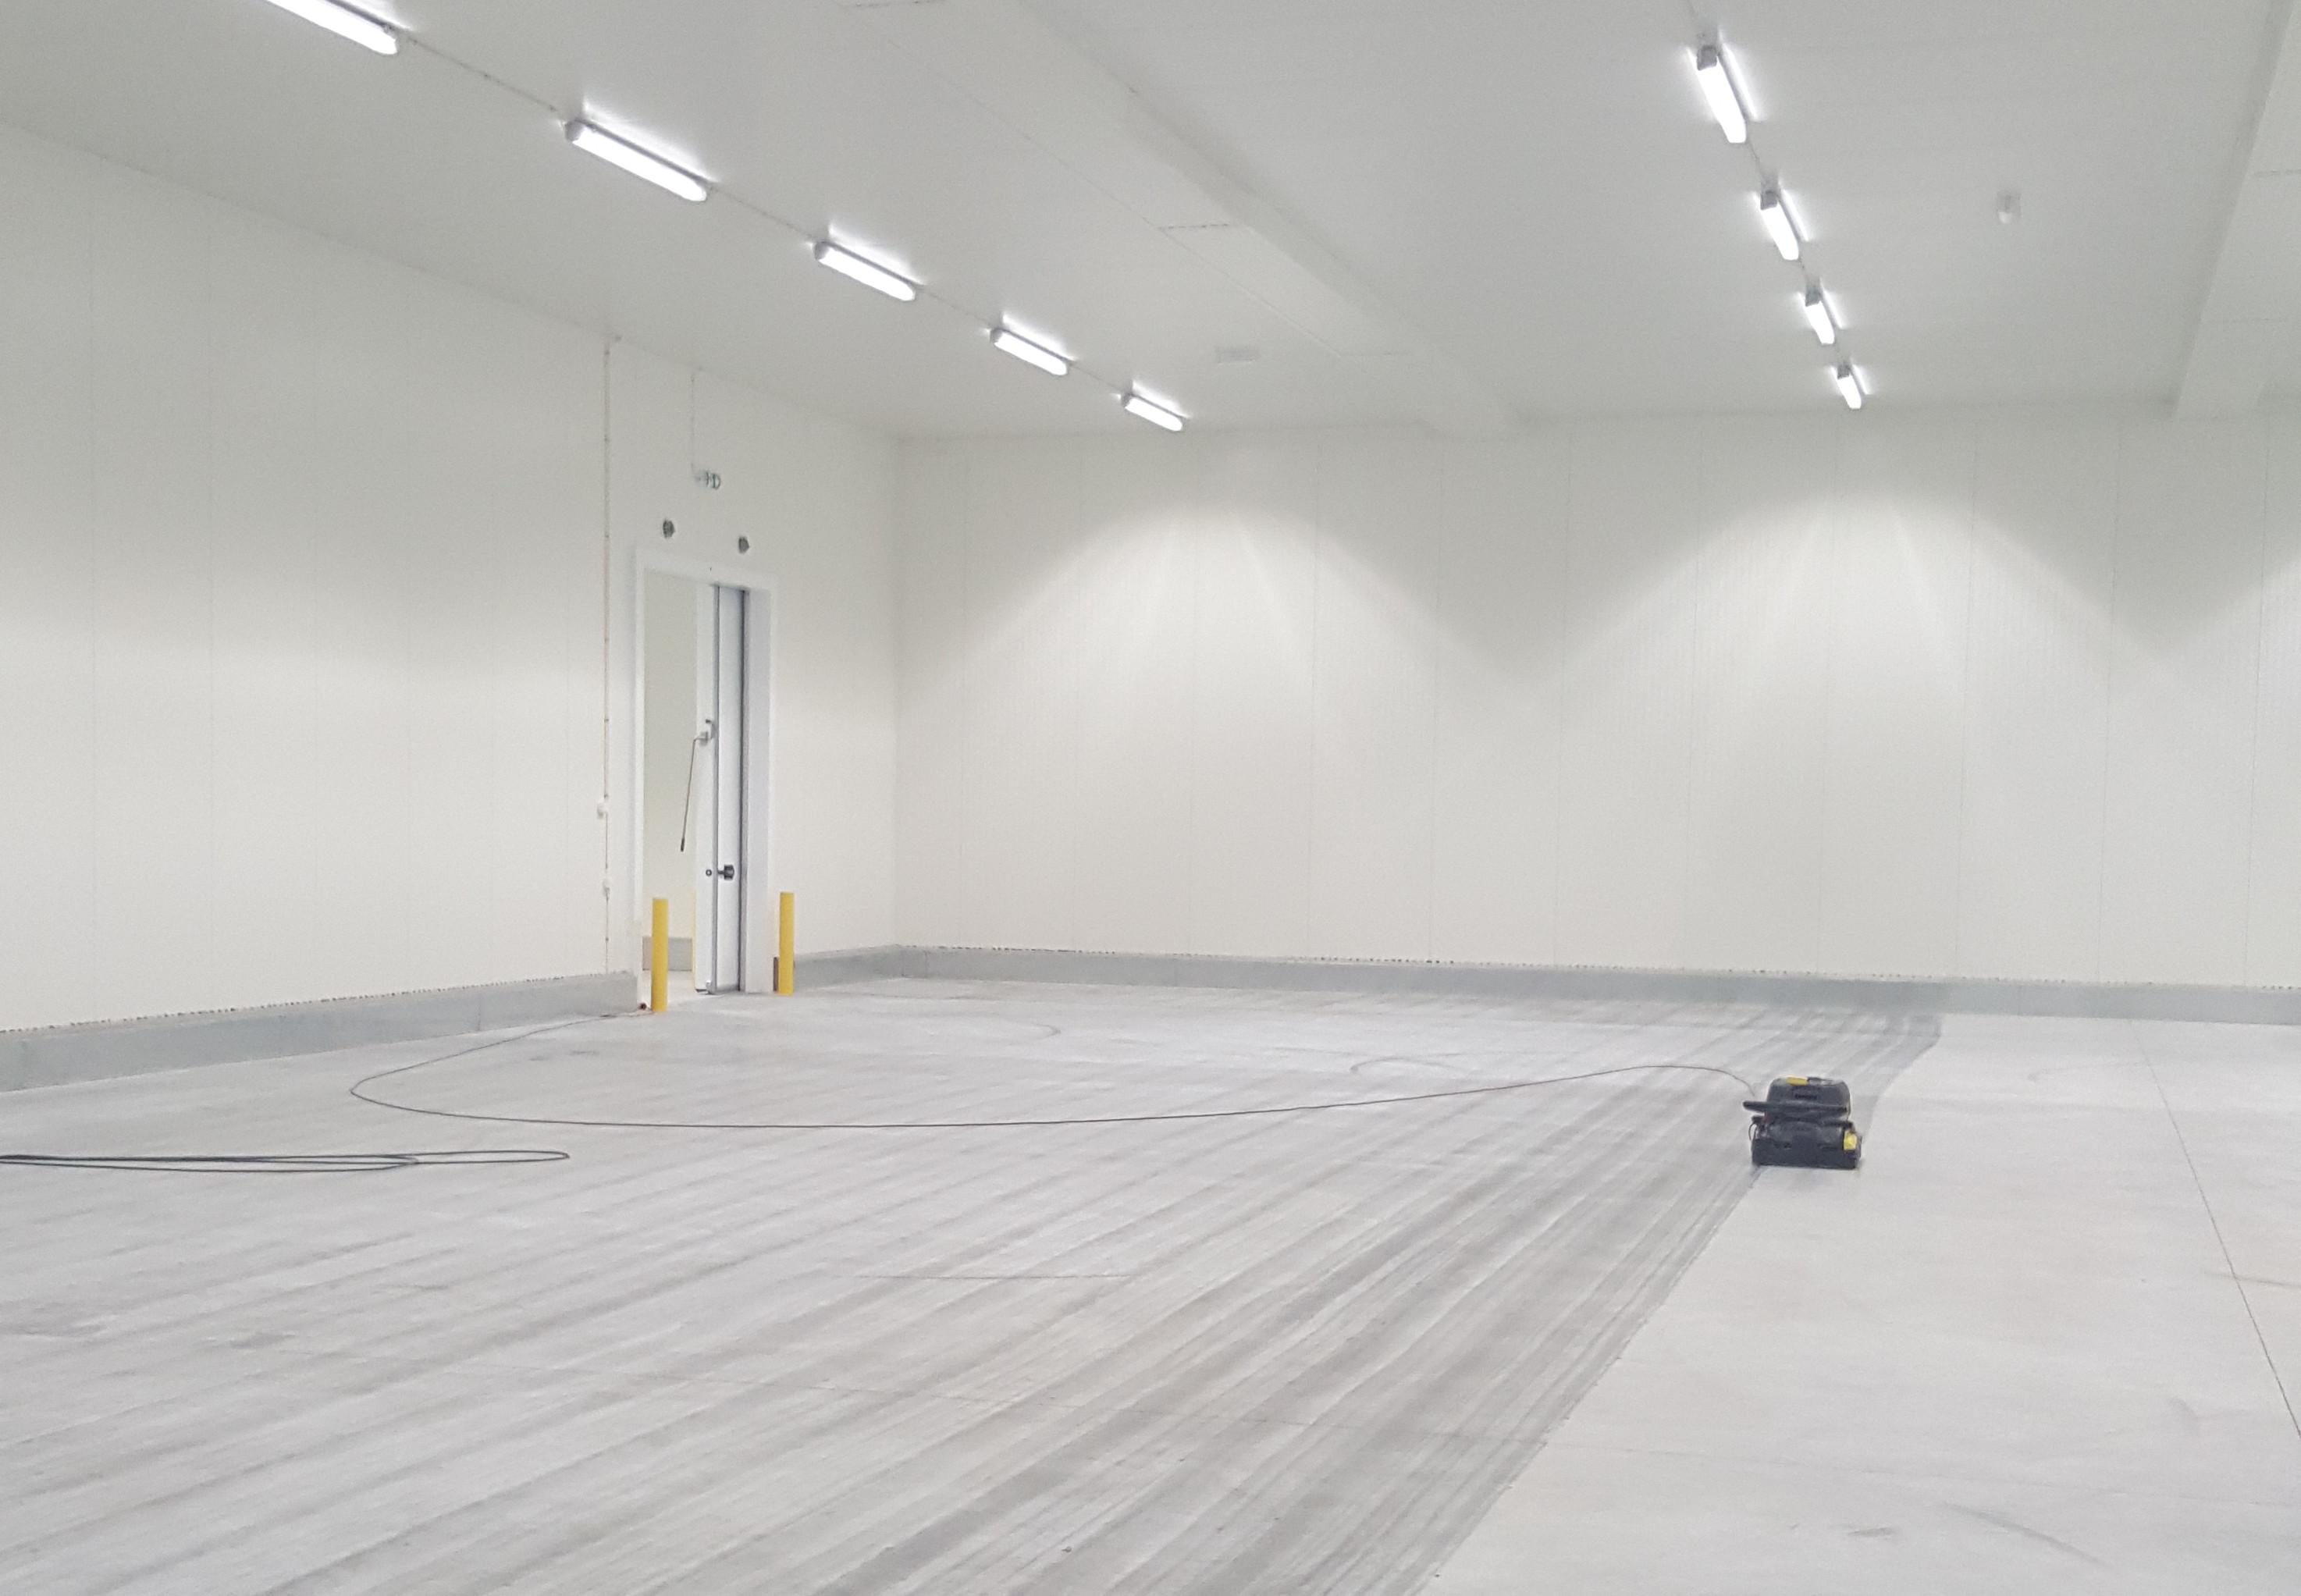 kuring av gulv i lager